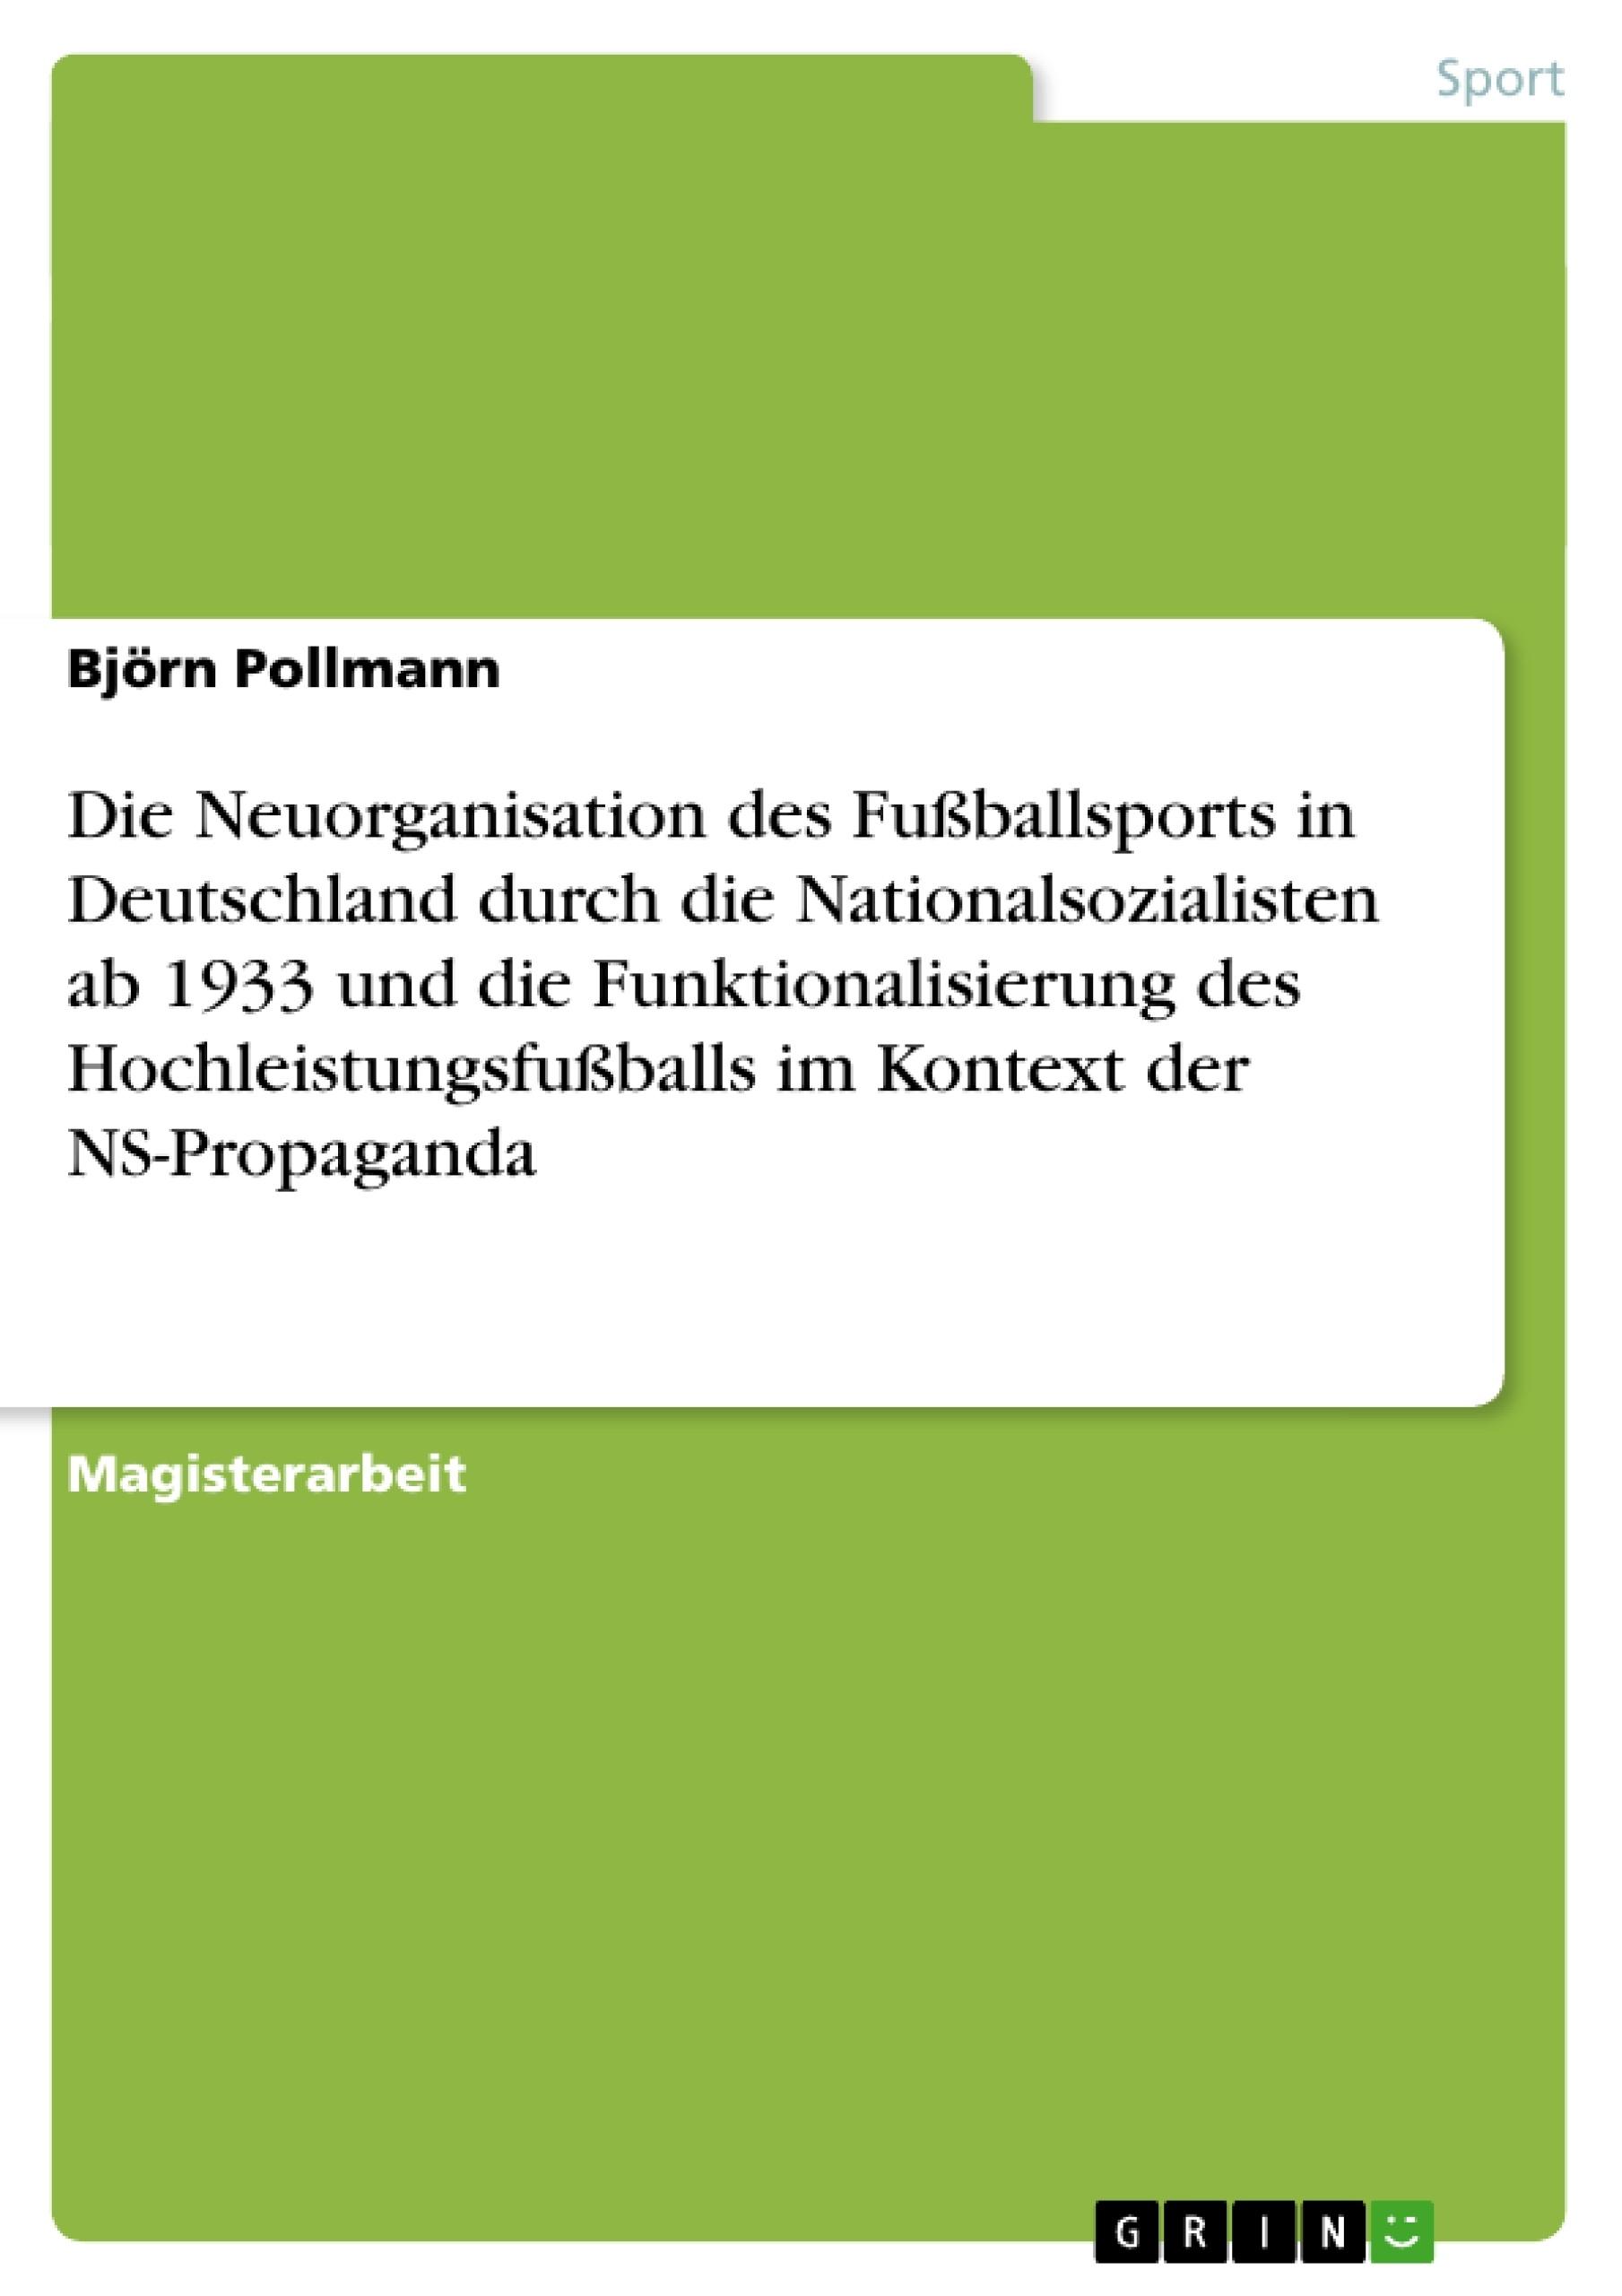 Titel: Die Neuorganisation des Fußballsports in Deutschland durch die Nationalsozialisten ab 1933 und die Funktionalisierung des Hochleistungsfußballs im Kontext der NS-Propaganda